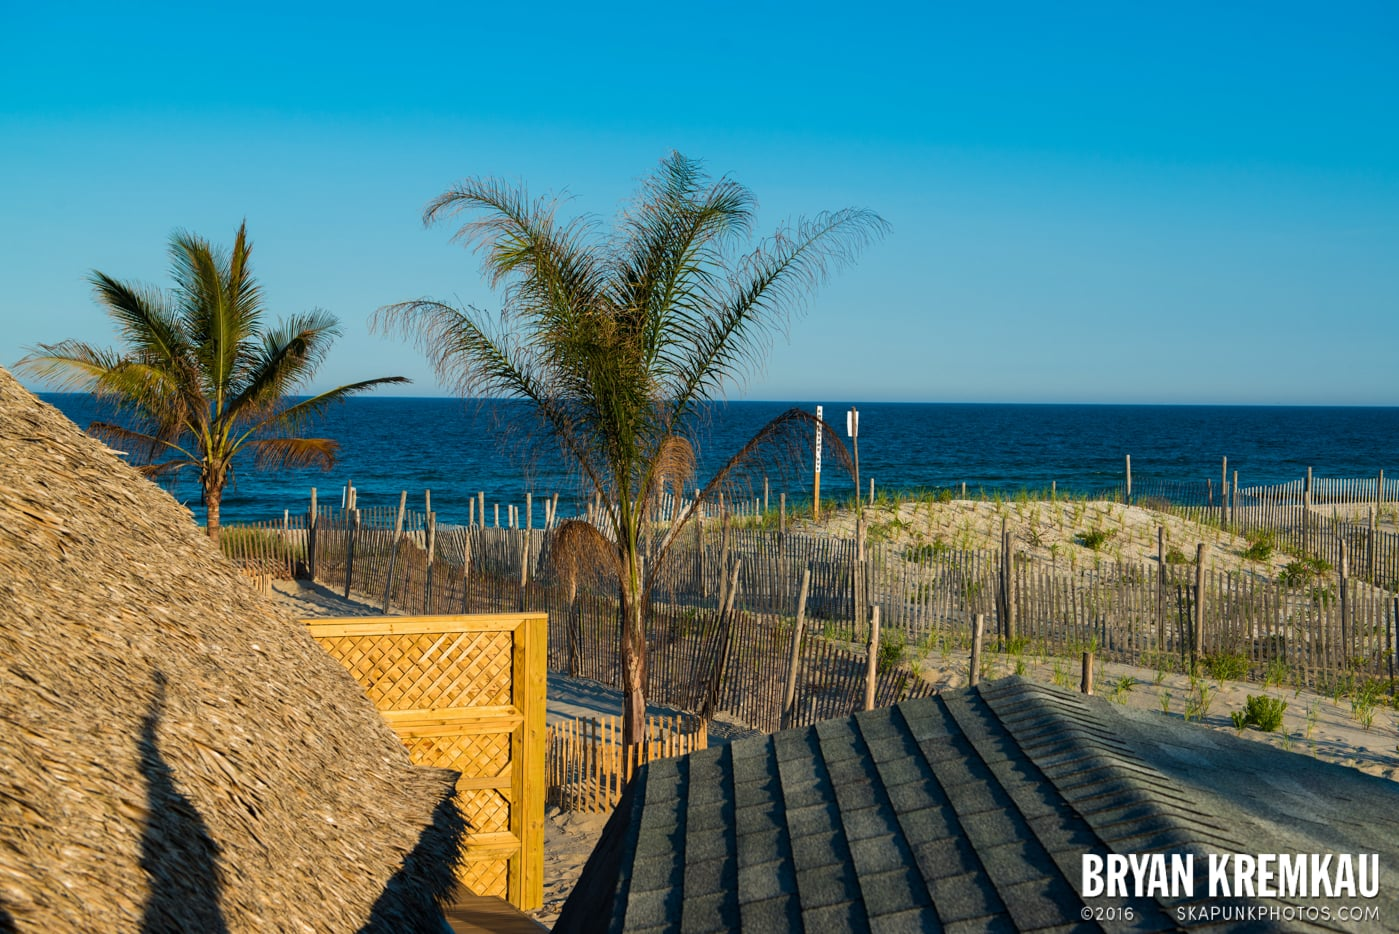 Beach Haven, Long Beach Island, NJ - 6.16.14 - 6.18.14 (97)